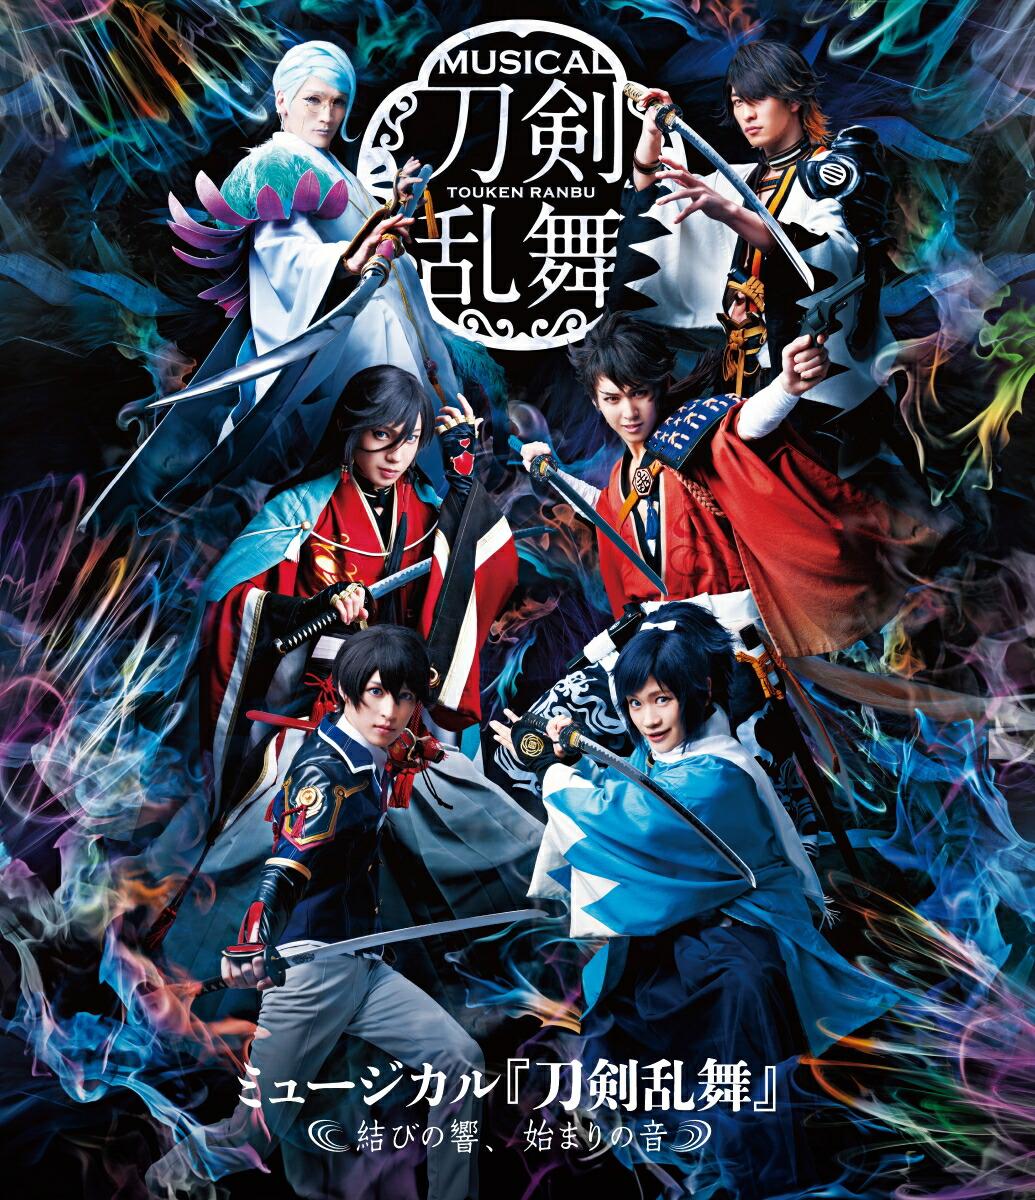 ミュージカル『刀剣乱舞』〜結びの響、始まりの音〜[EMPB-0011][Blu-ray/ブルーレイ]